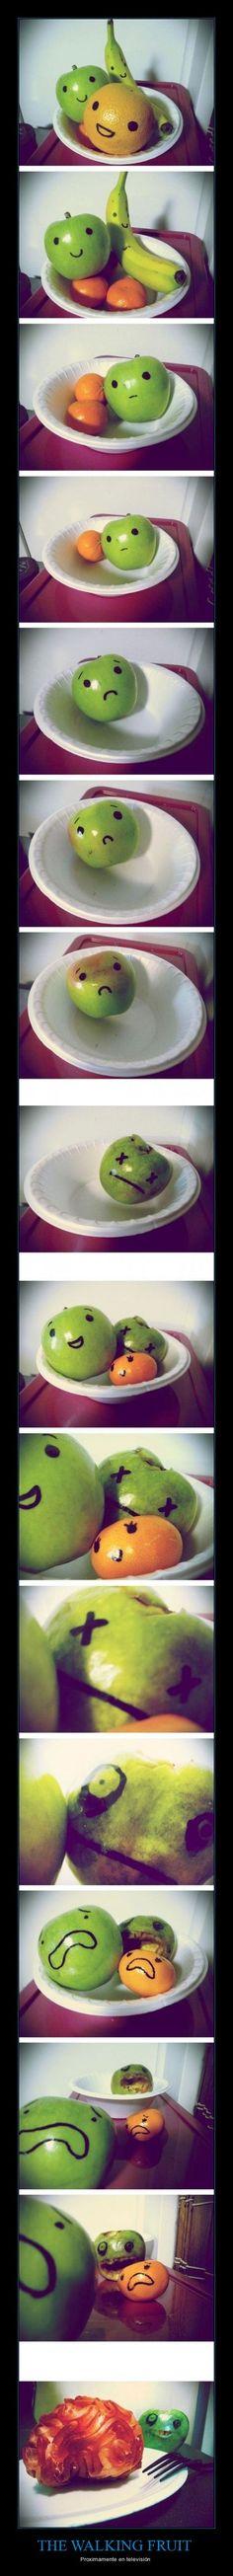 The walking fruit